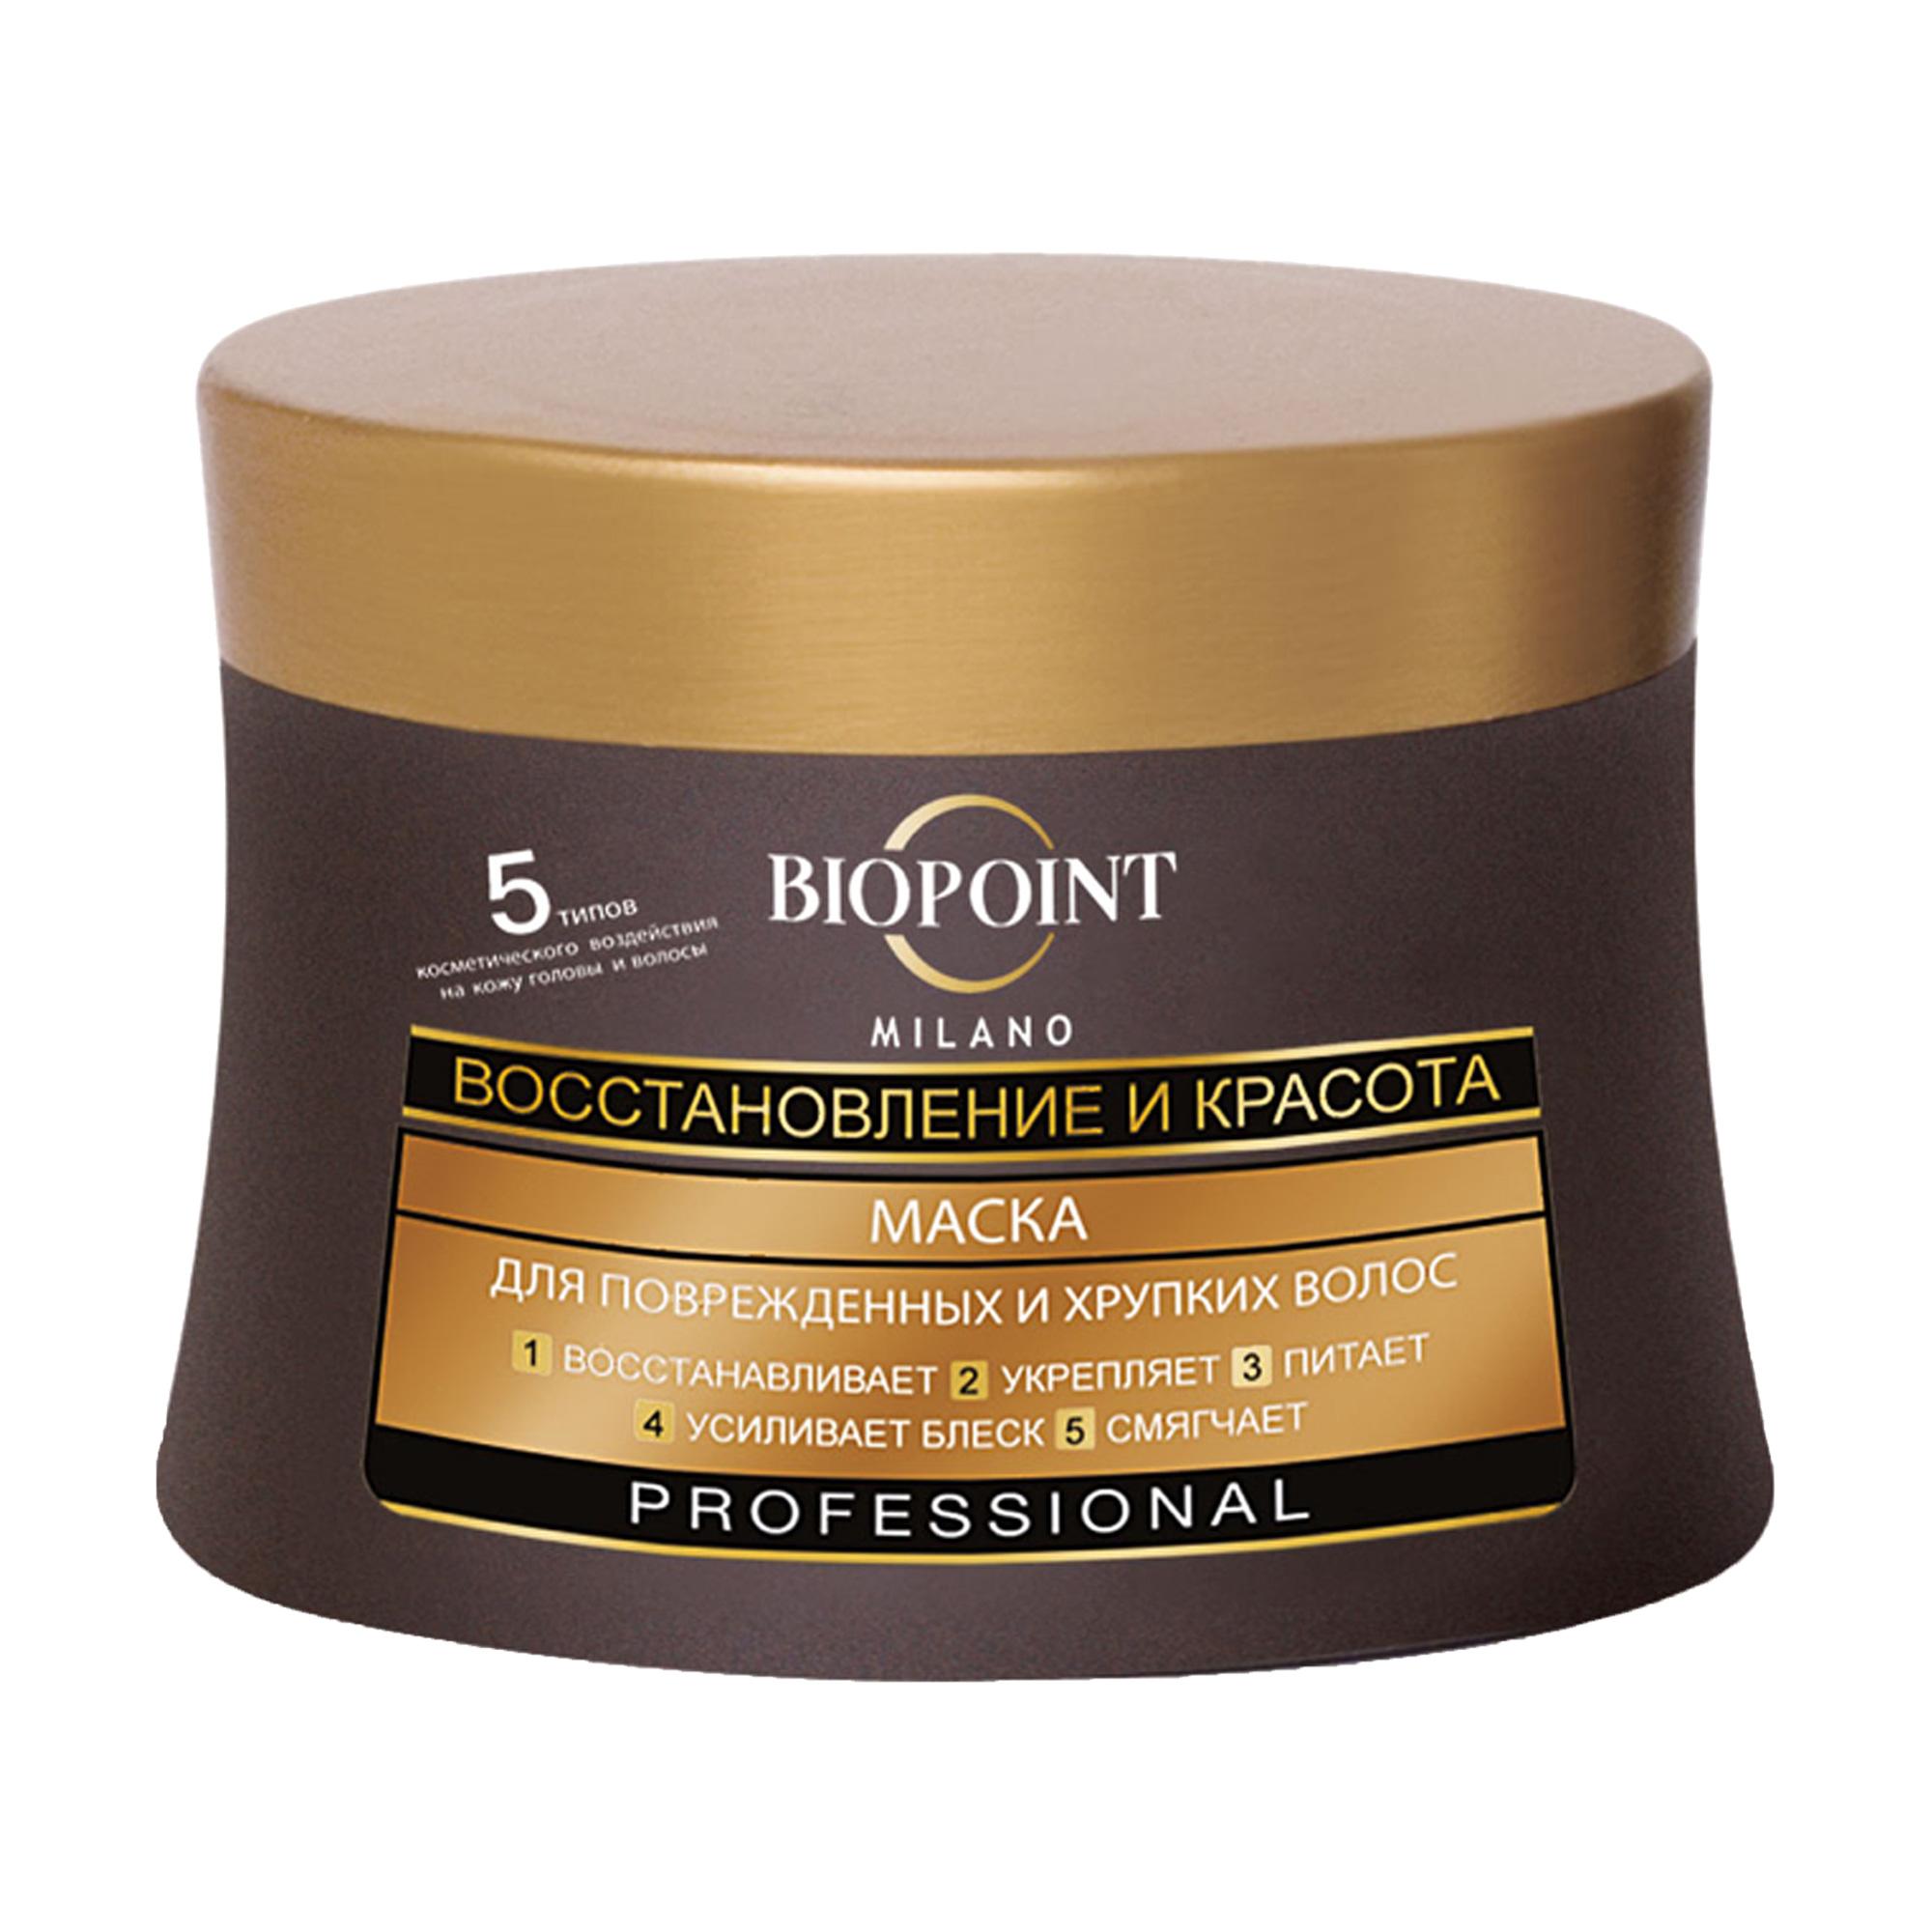 Маска Biopoint Milano Professional восстановление и красота, для поврежденных и хрупких волос, 250 мл